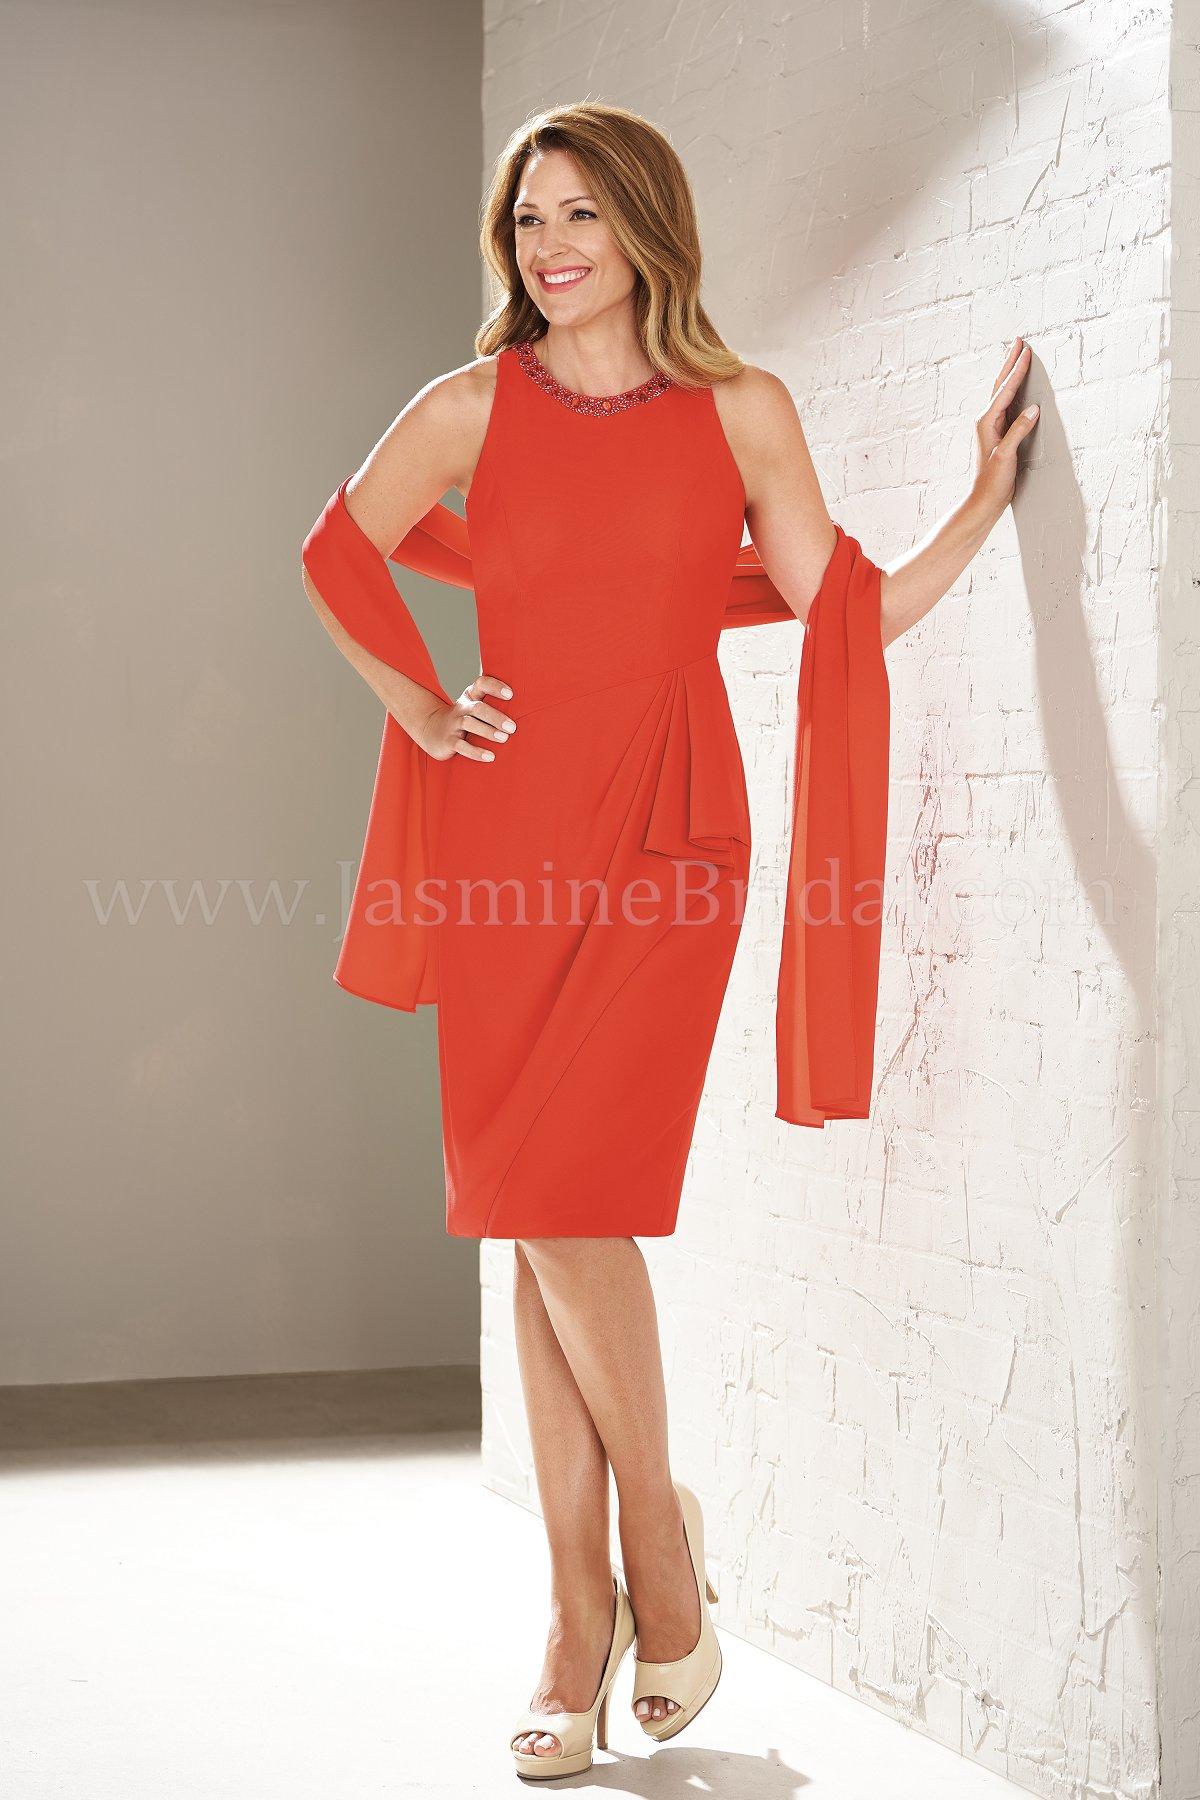 M200003 Knee Length Jewel Neckline Mob Dress With Shawl